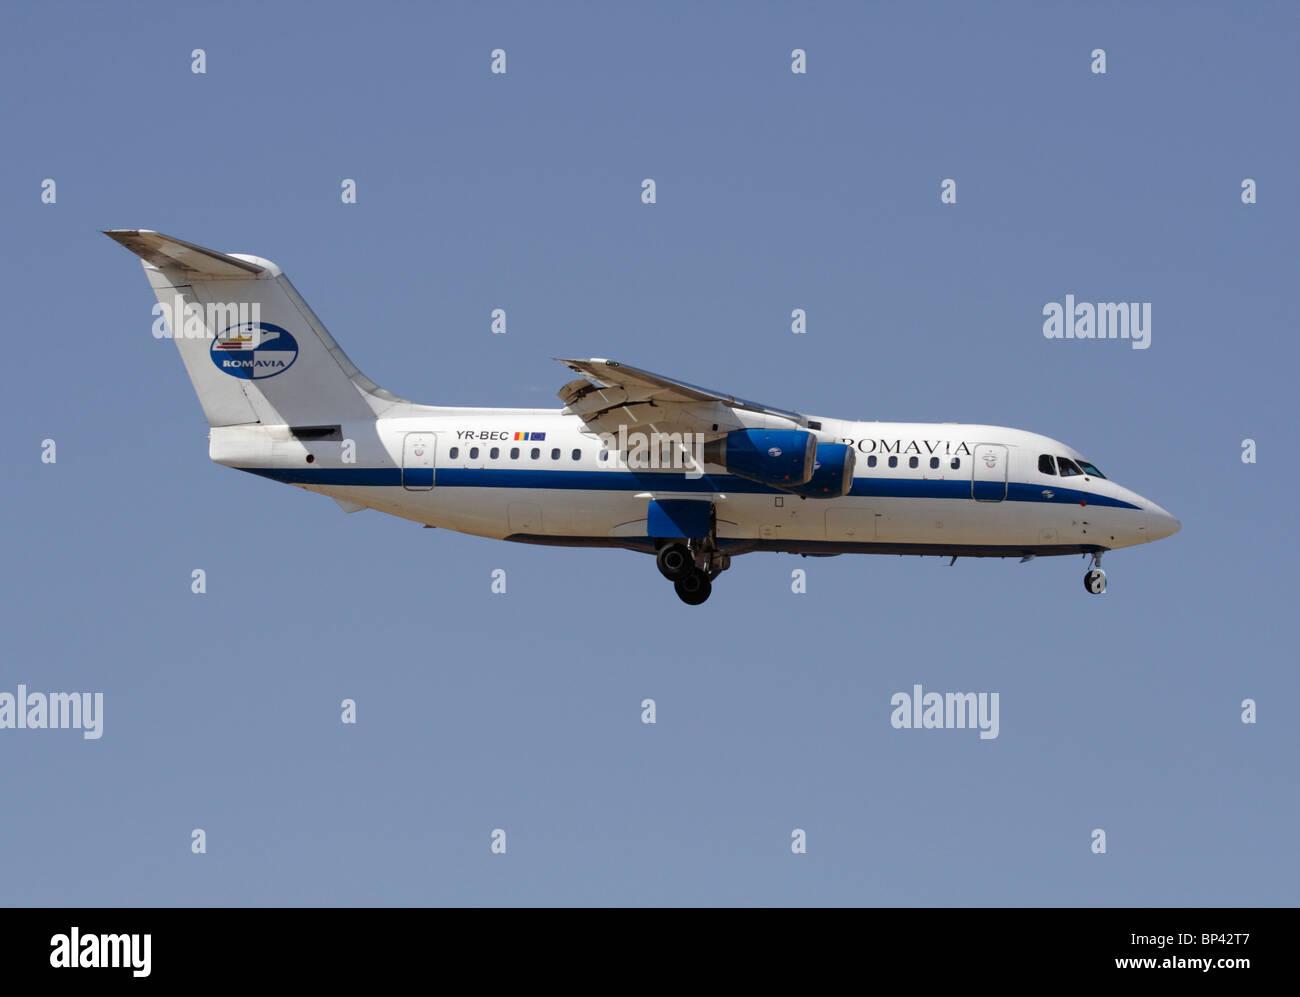 Romavia British Aerospace 146-200 - Stock Image